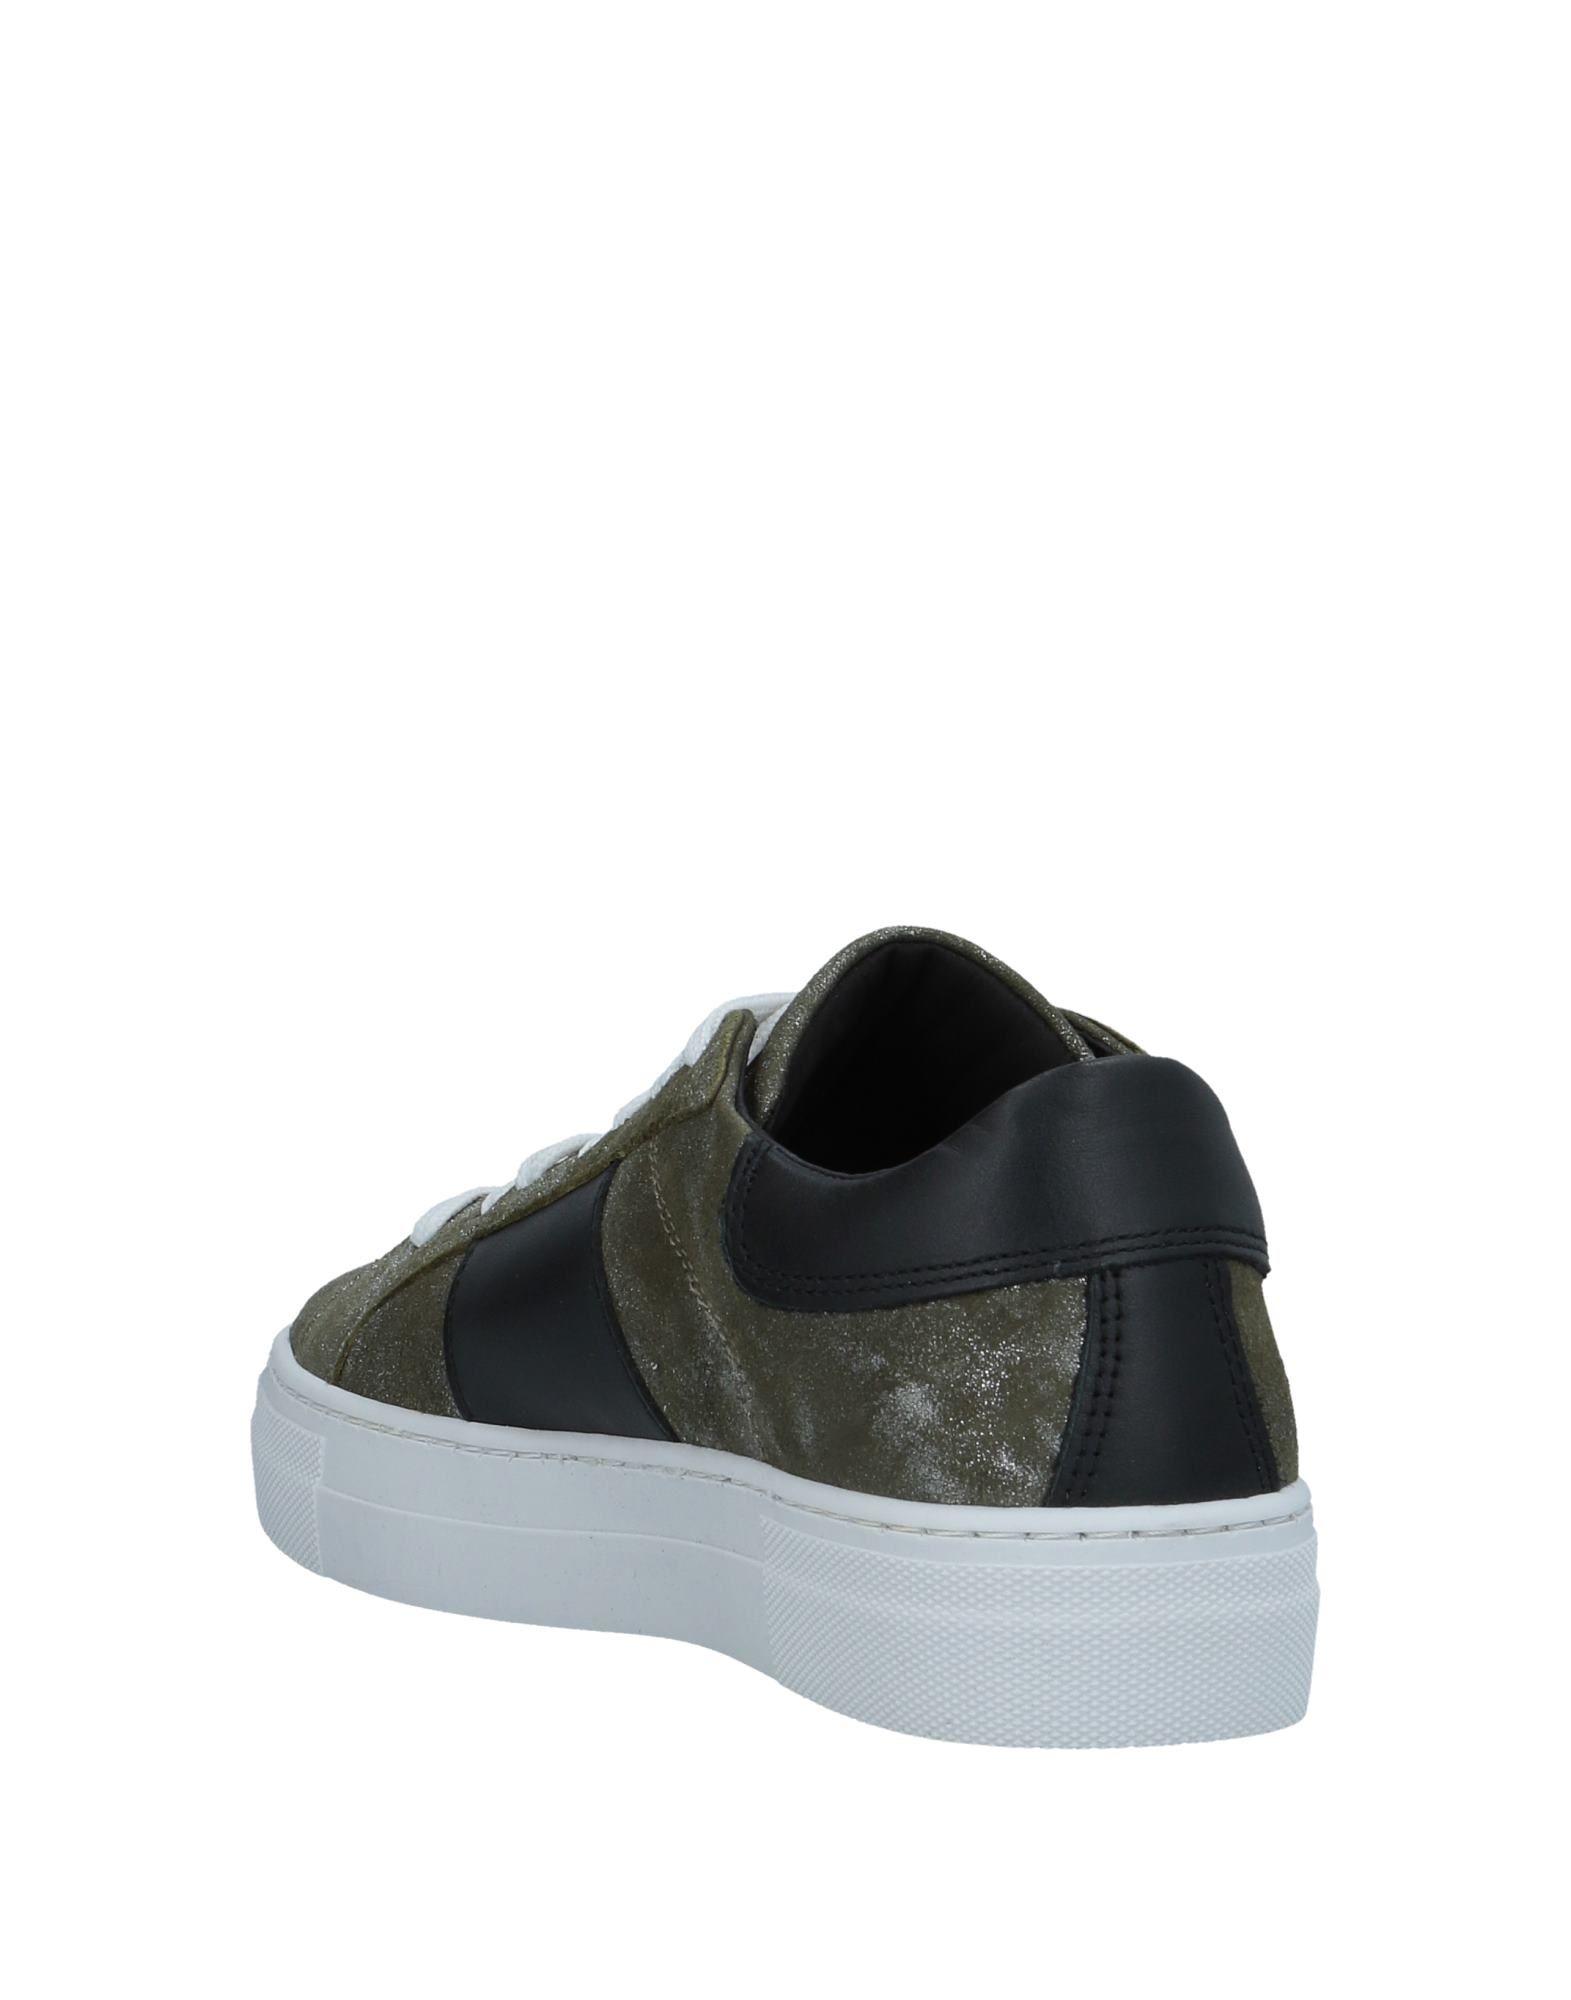 Womsh Sneakers Damen  11508657RD 11508657RD 11508657RD Gute Qualität beliebte Schuhe 5af796